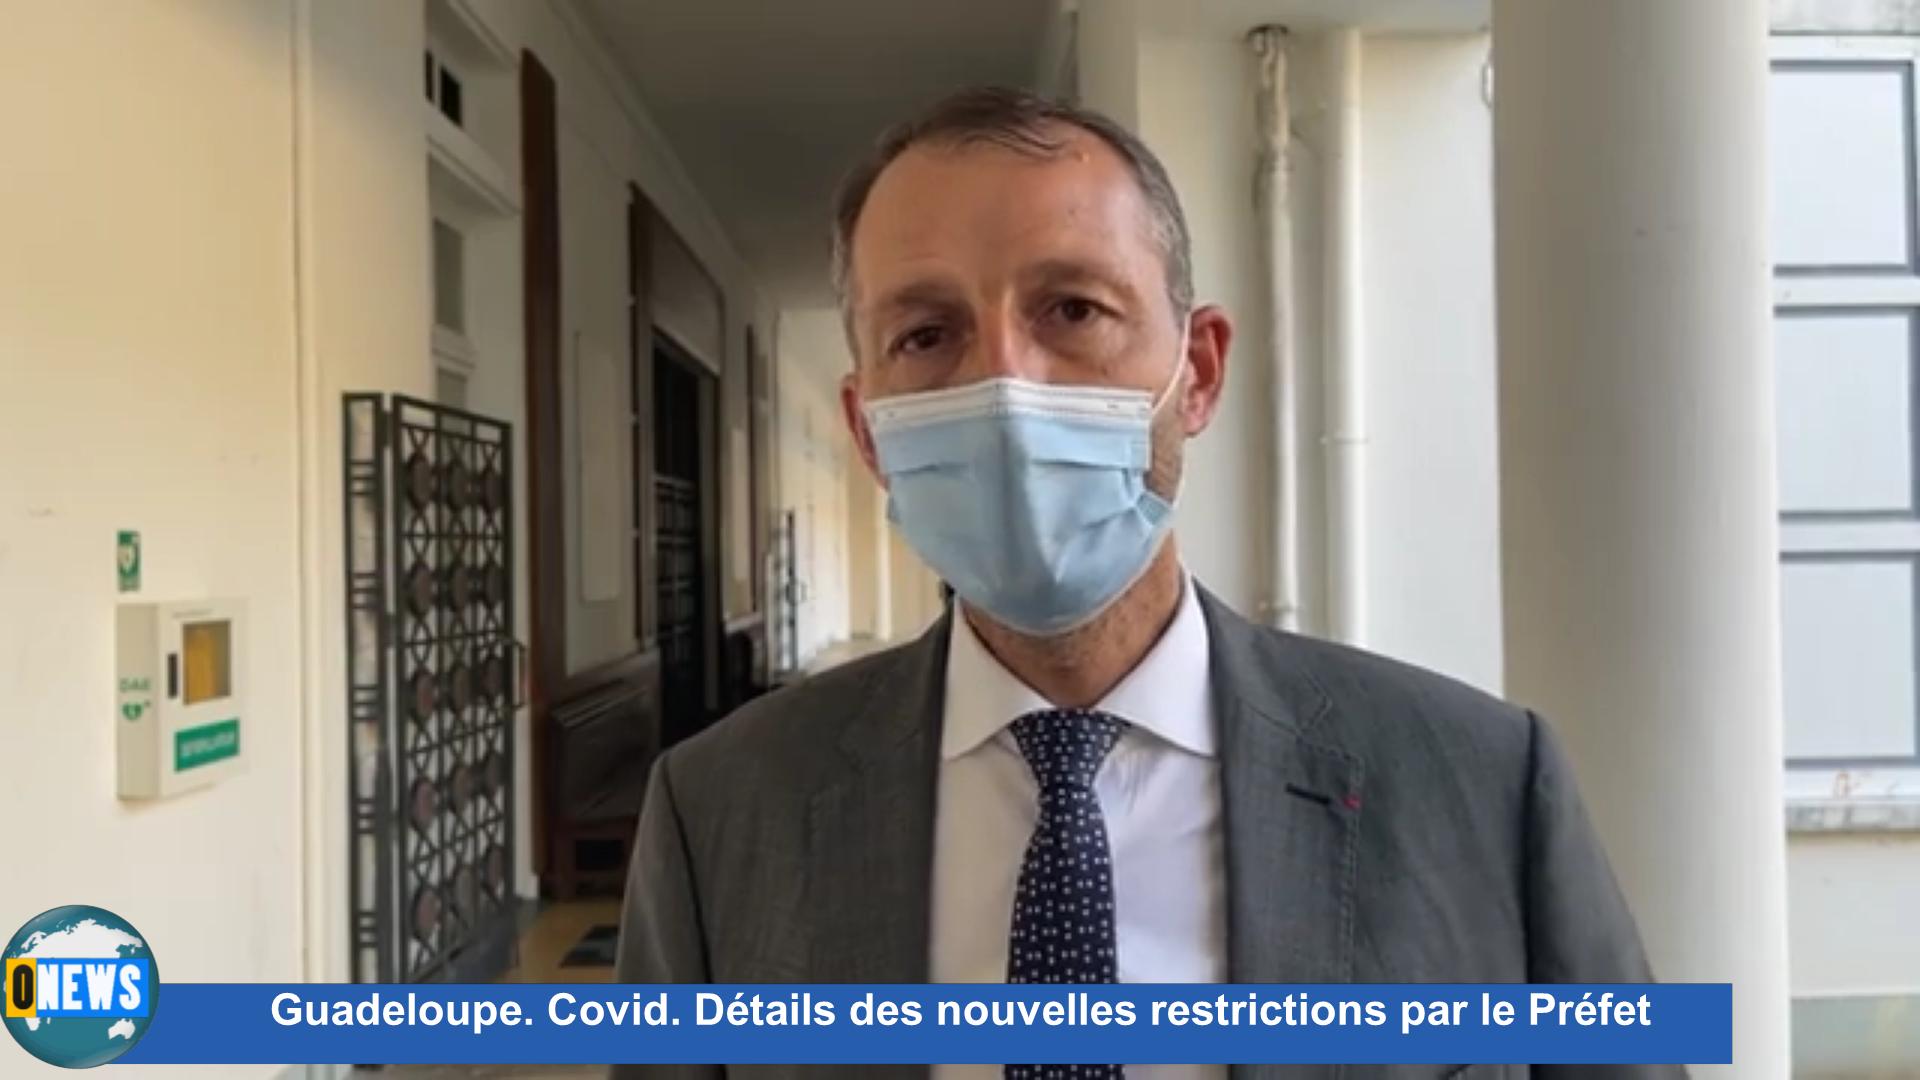 [Vidéo] Onews Guadeloupe. Covid. Détails des nouvelles restrictions par le Préfet